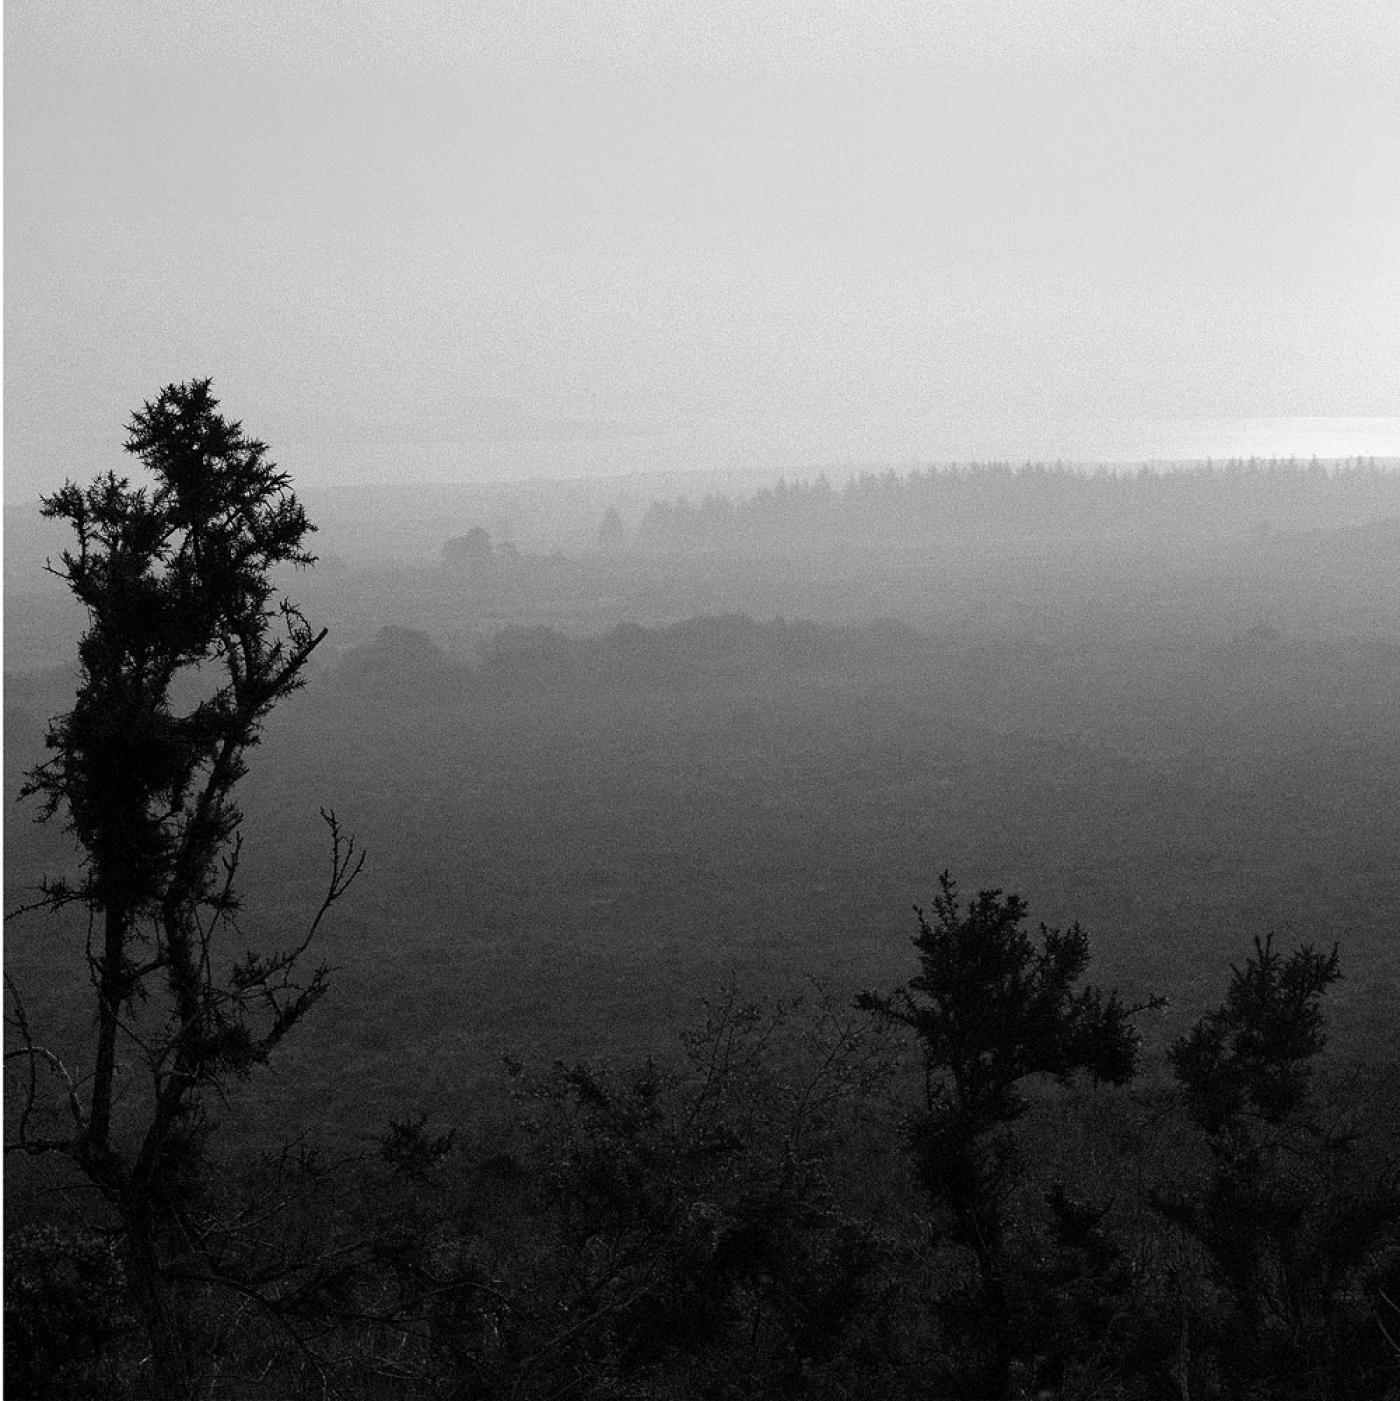 https://www.ericmalemanche.com/imagess/topics/les-bretons-de-l-argoat/liste/Monts-arree-04.jpg